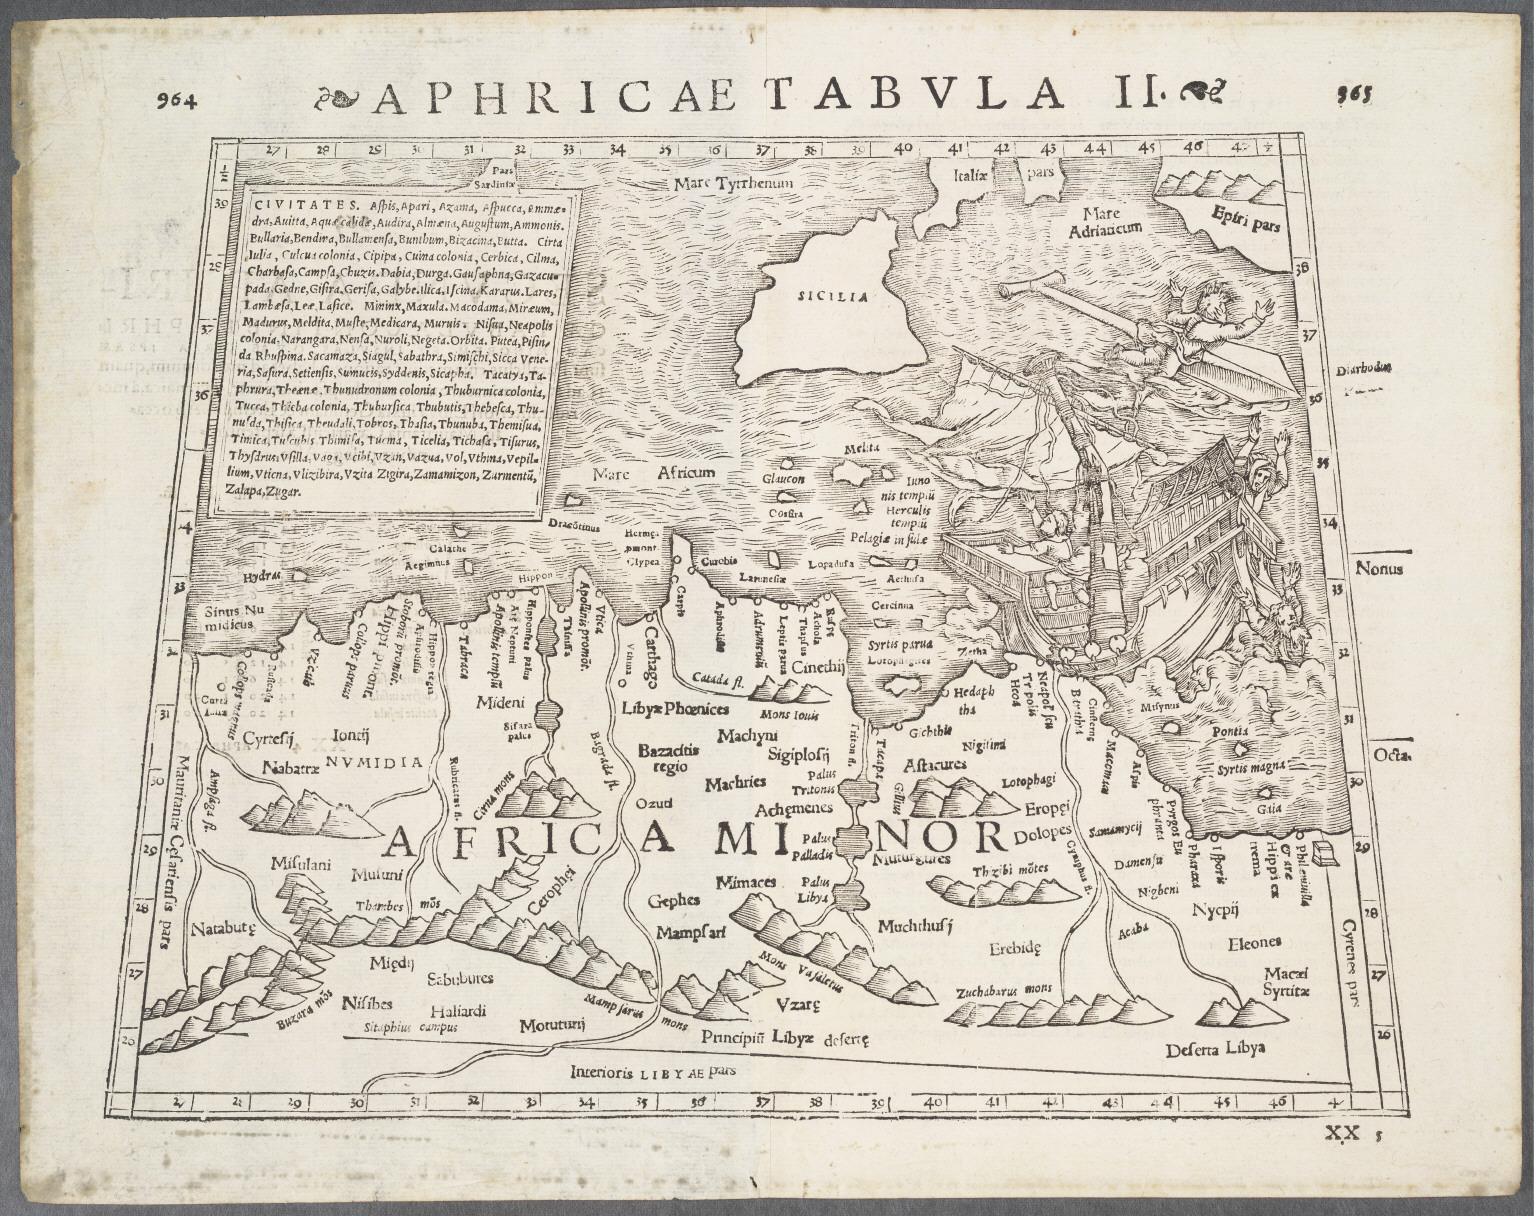 Aphricae Tabula II.